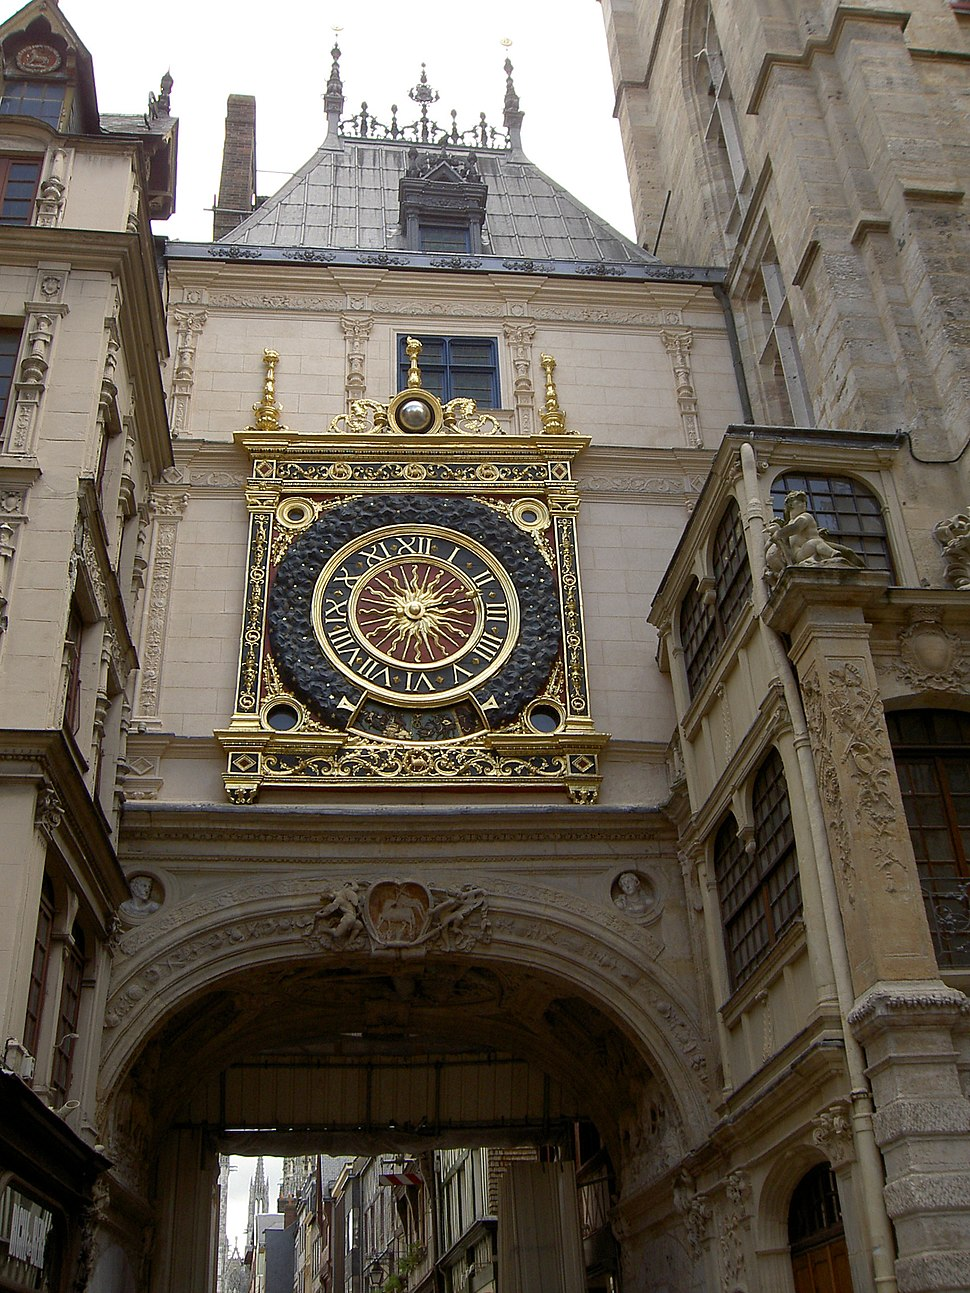 Le Gros Horloge, Rouen, Normandy